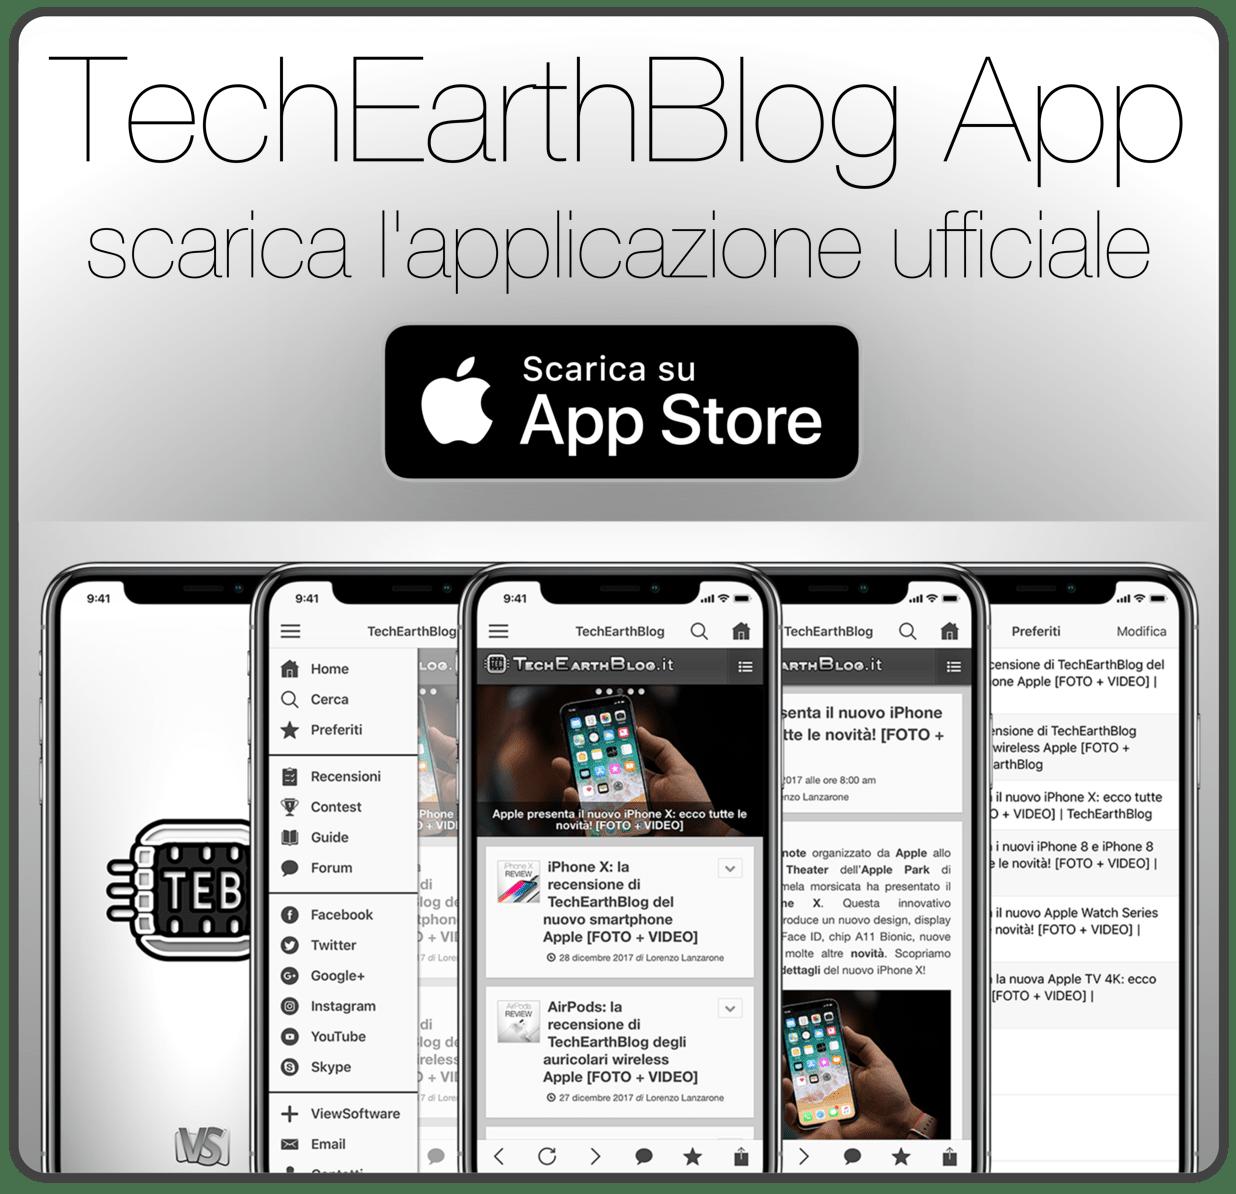 TechEarthBlog App 3.0: arriva su App Store la nuova app di TechEarthBlog per iPhone e iPad!